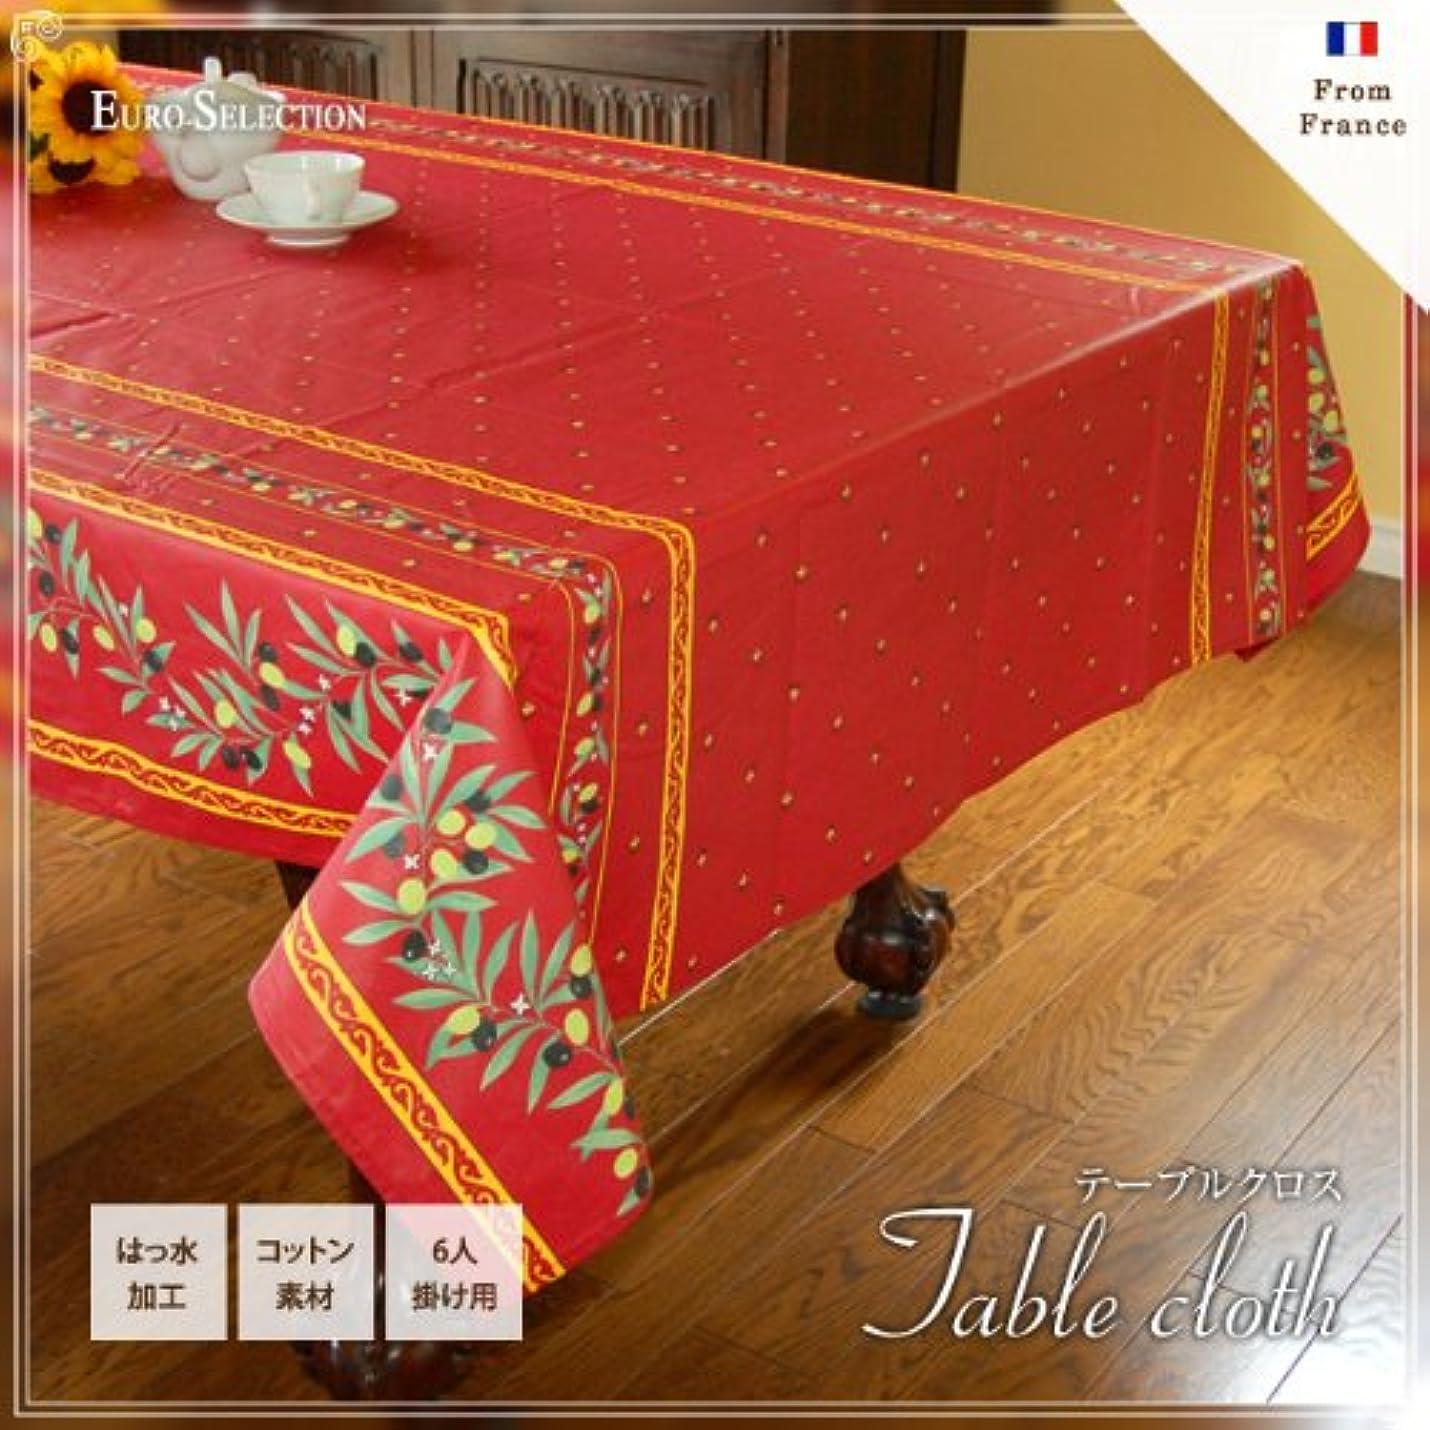 革命悲しい彫刻テーブルクロス フランス輸入 カリソン&オリーブ レッド 160×250cm 6人掛け用 長方形 tablecloth